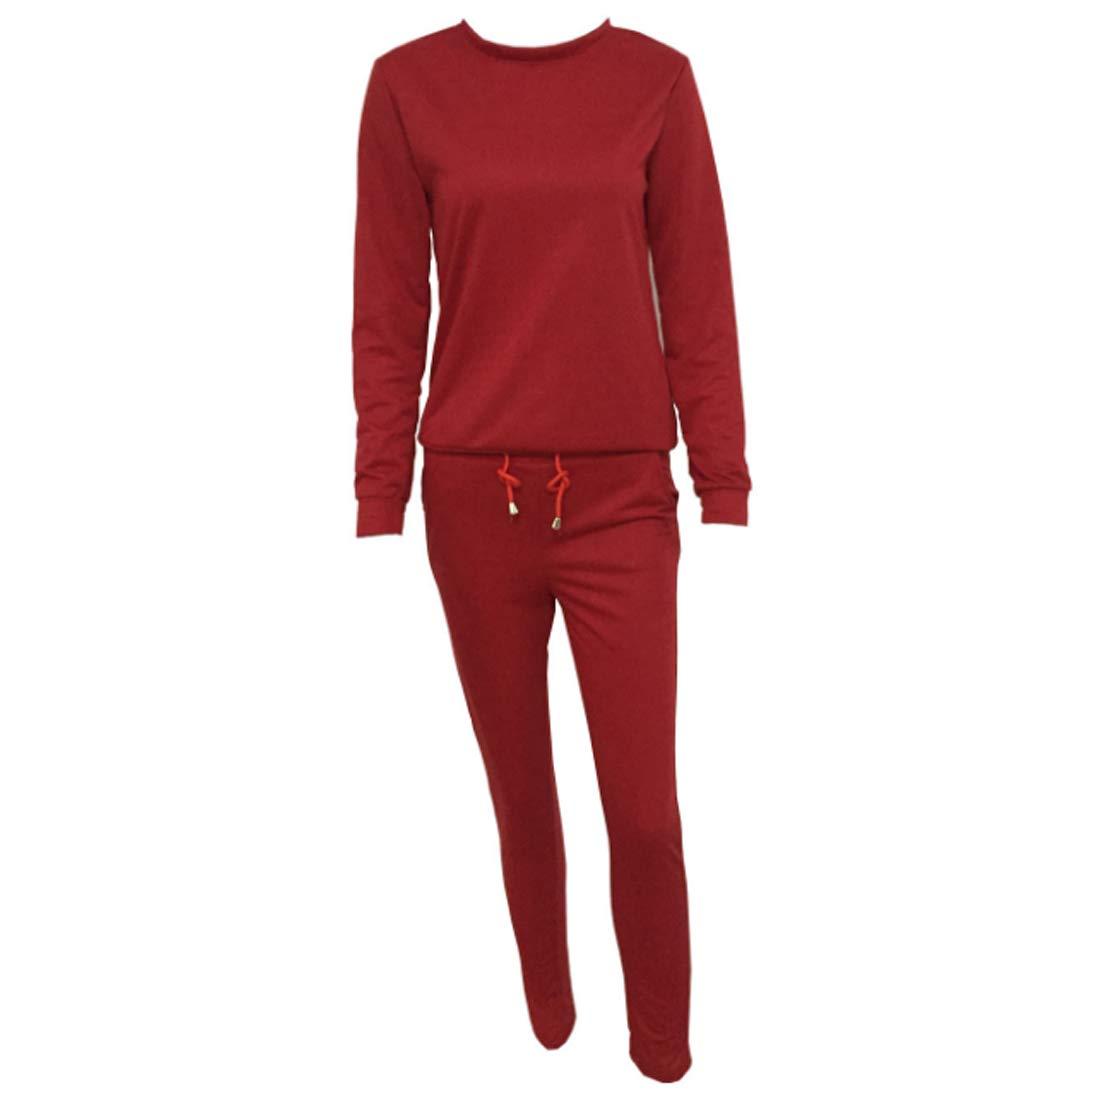 Aiweijia Women's Slim Pullover Jogging Sports Set Casual Wear Aiweijia Co. Ltd